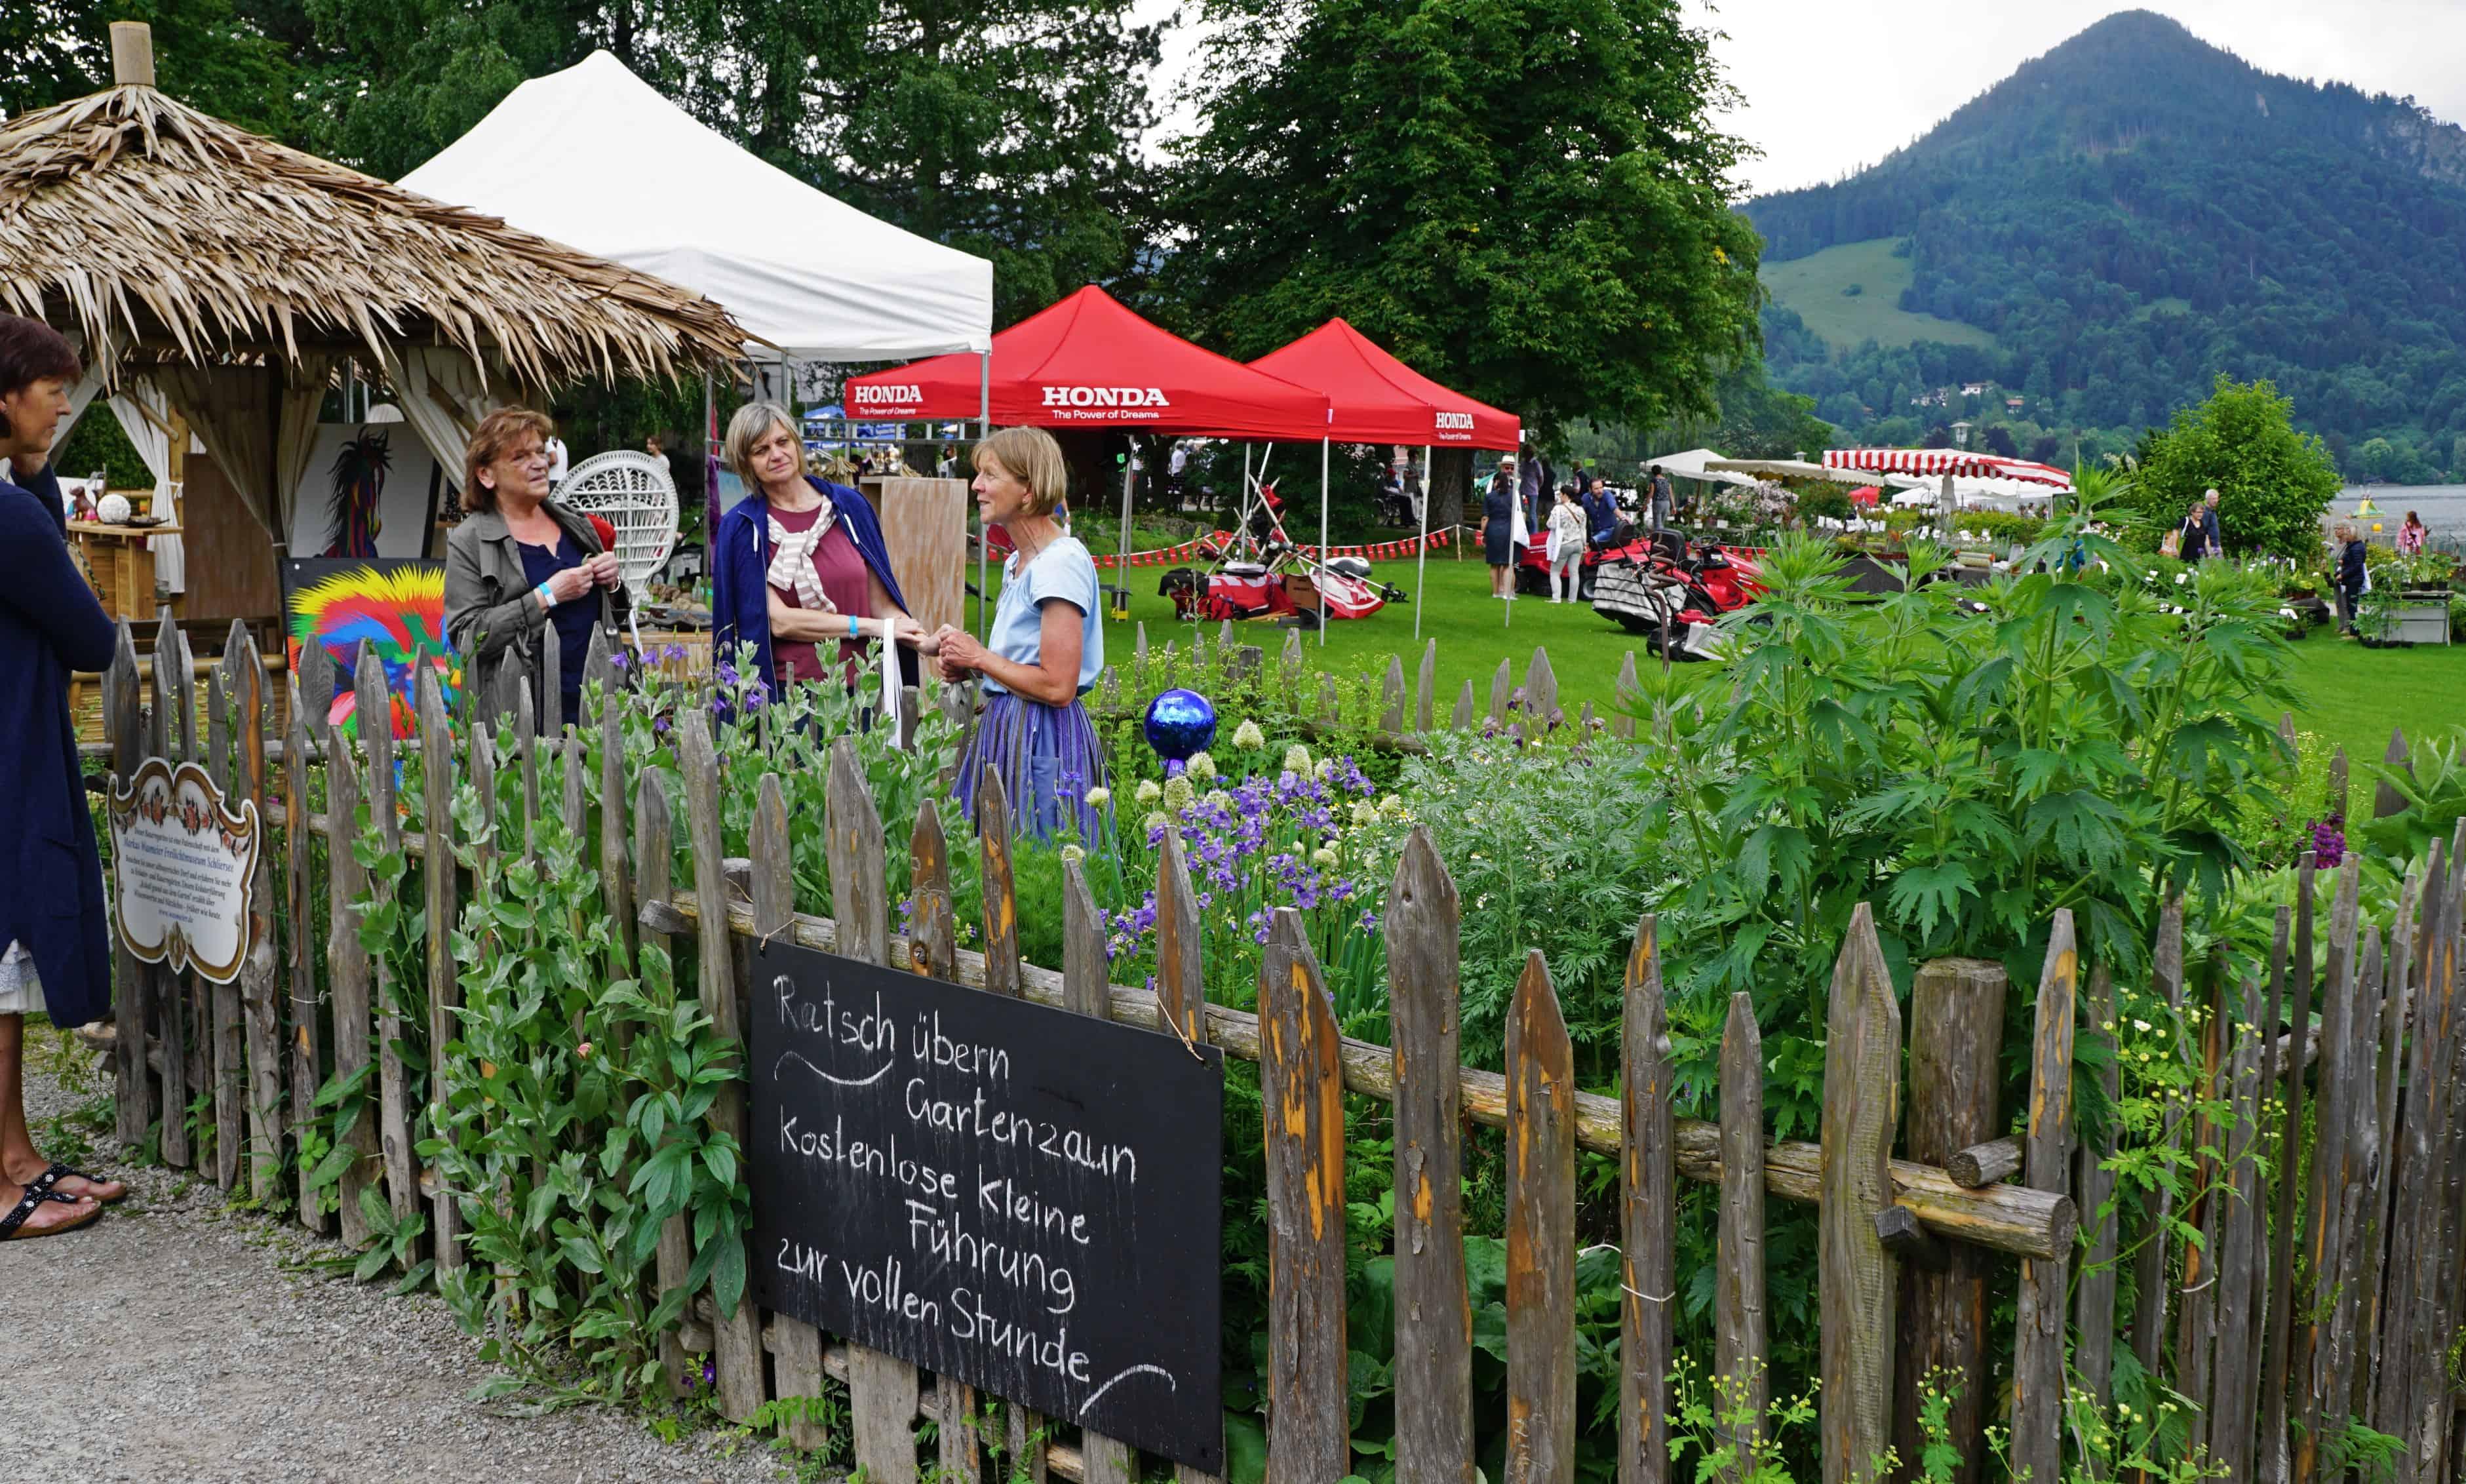 Schlierseer Gartenzauber 2018 - Judith Weber (61)